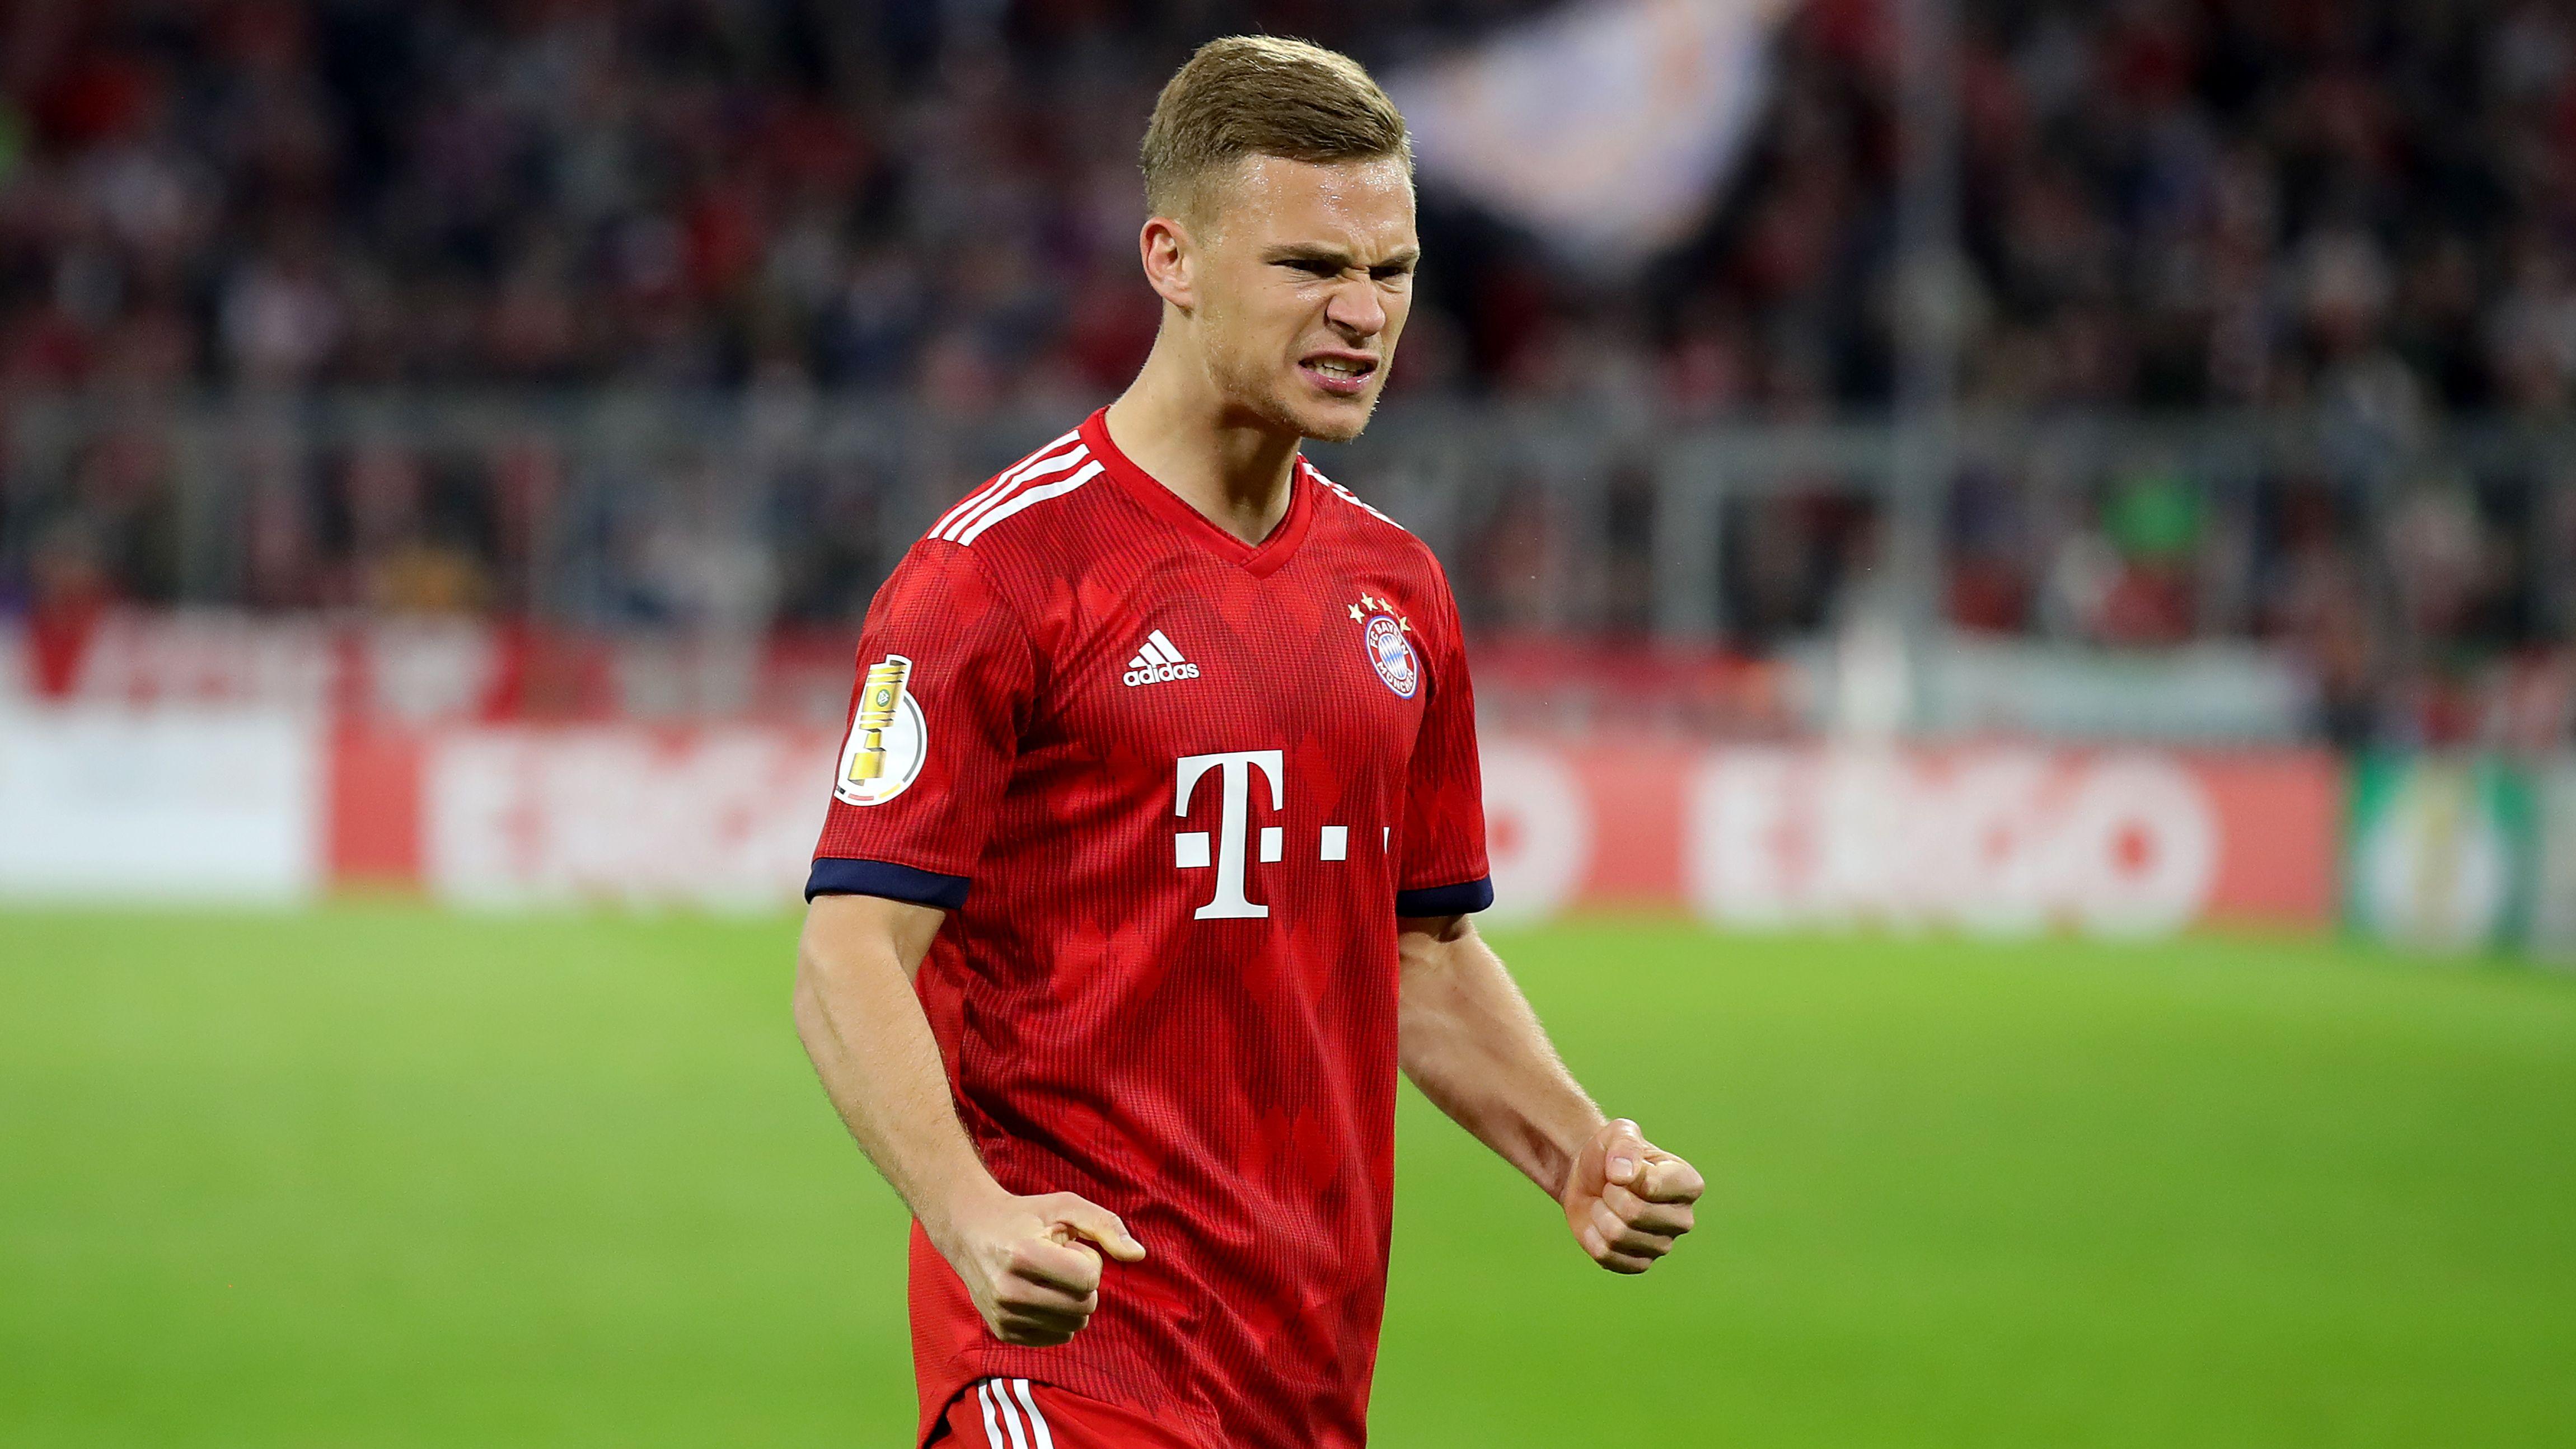 Trotz Schönheitsfleck: Kimmich zum dritten Mal Erster | Bundesliga - kicker